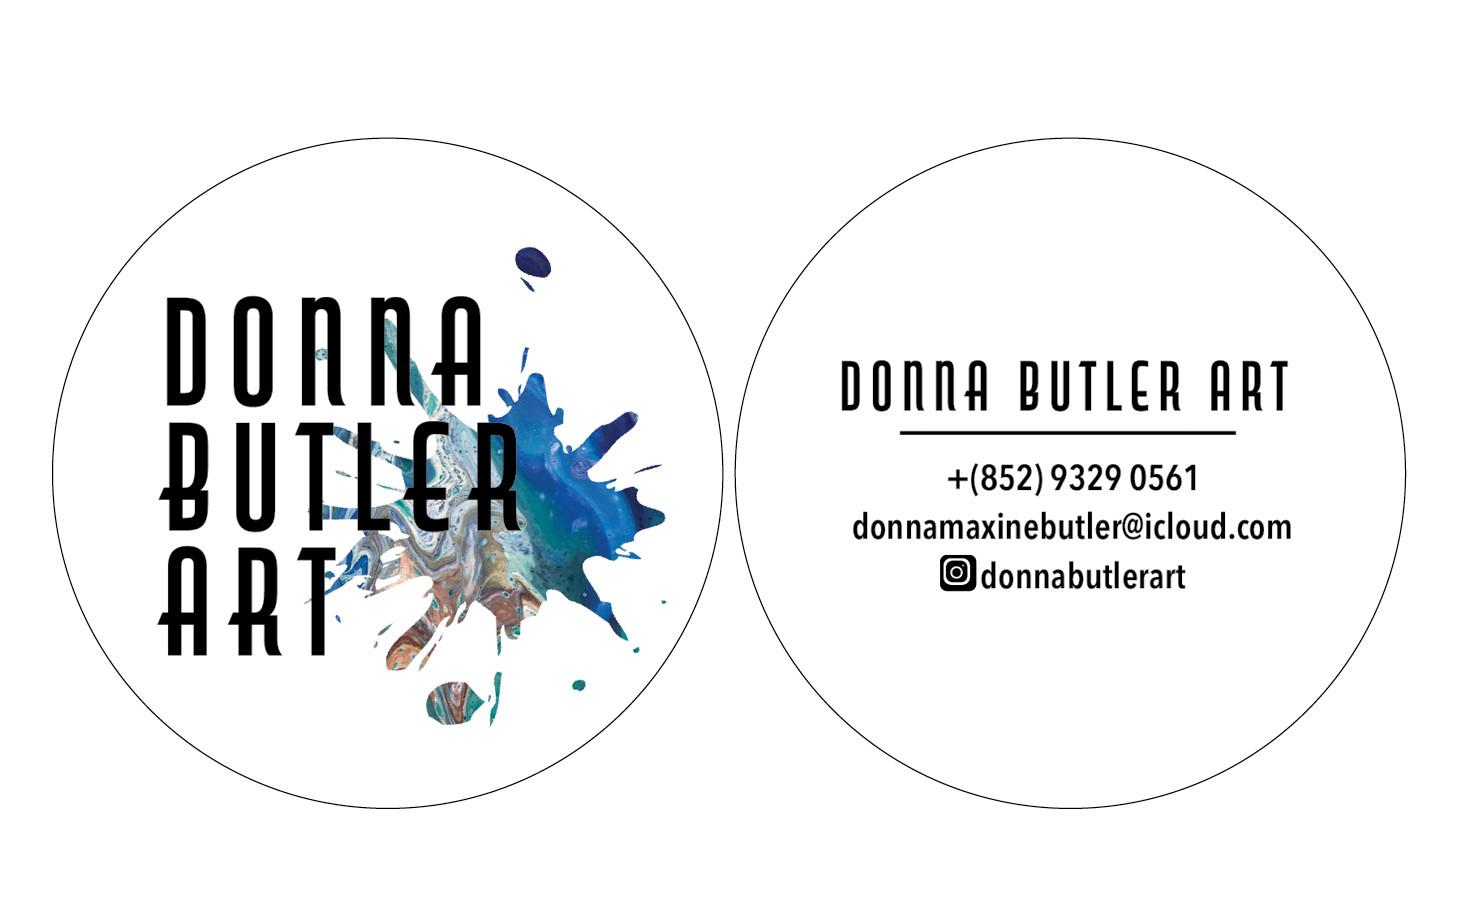 Donna Butler Art